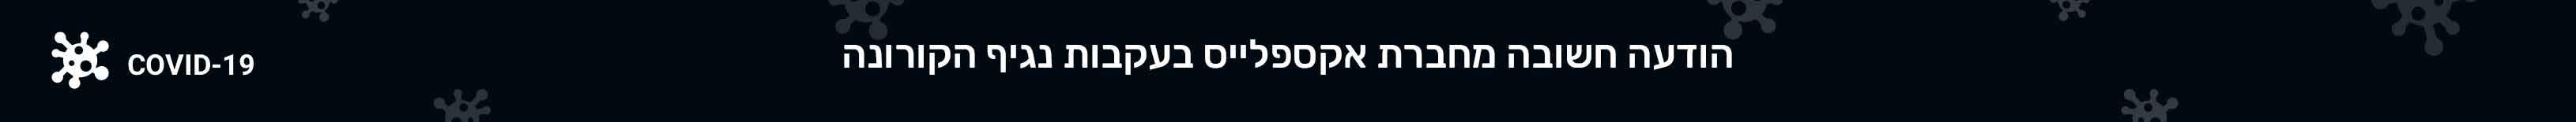 הודעה חשובה מחברת אקספלייס בעקבות נגיף הקורונה